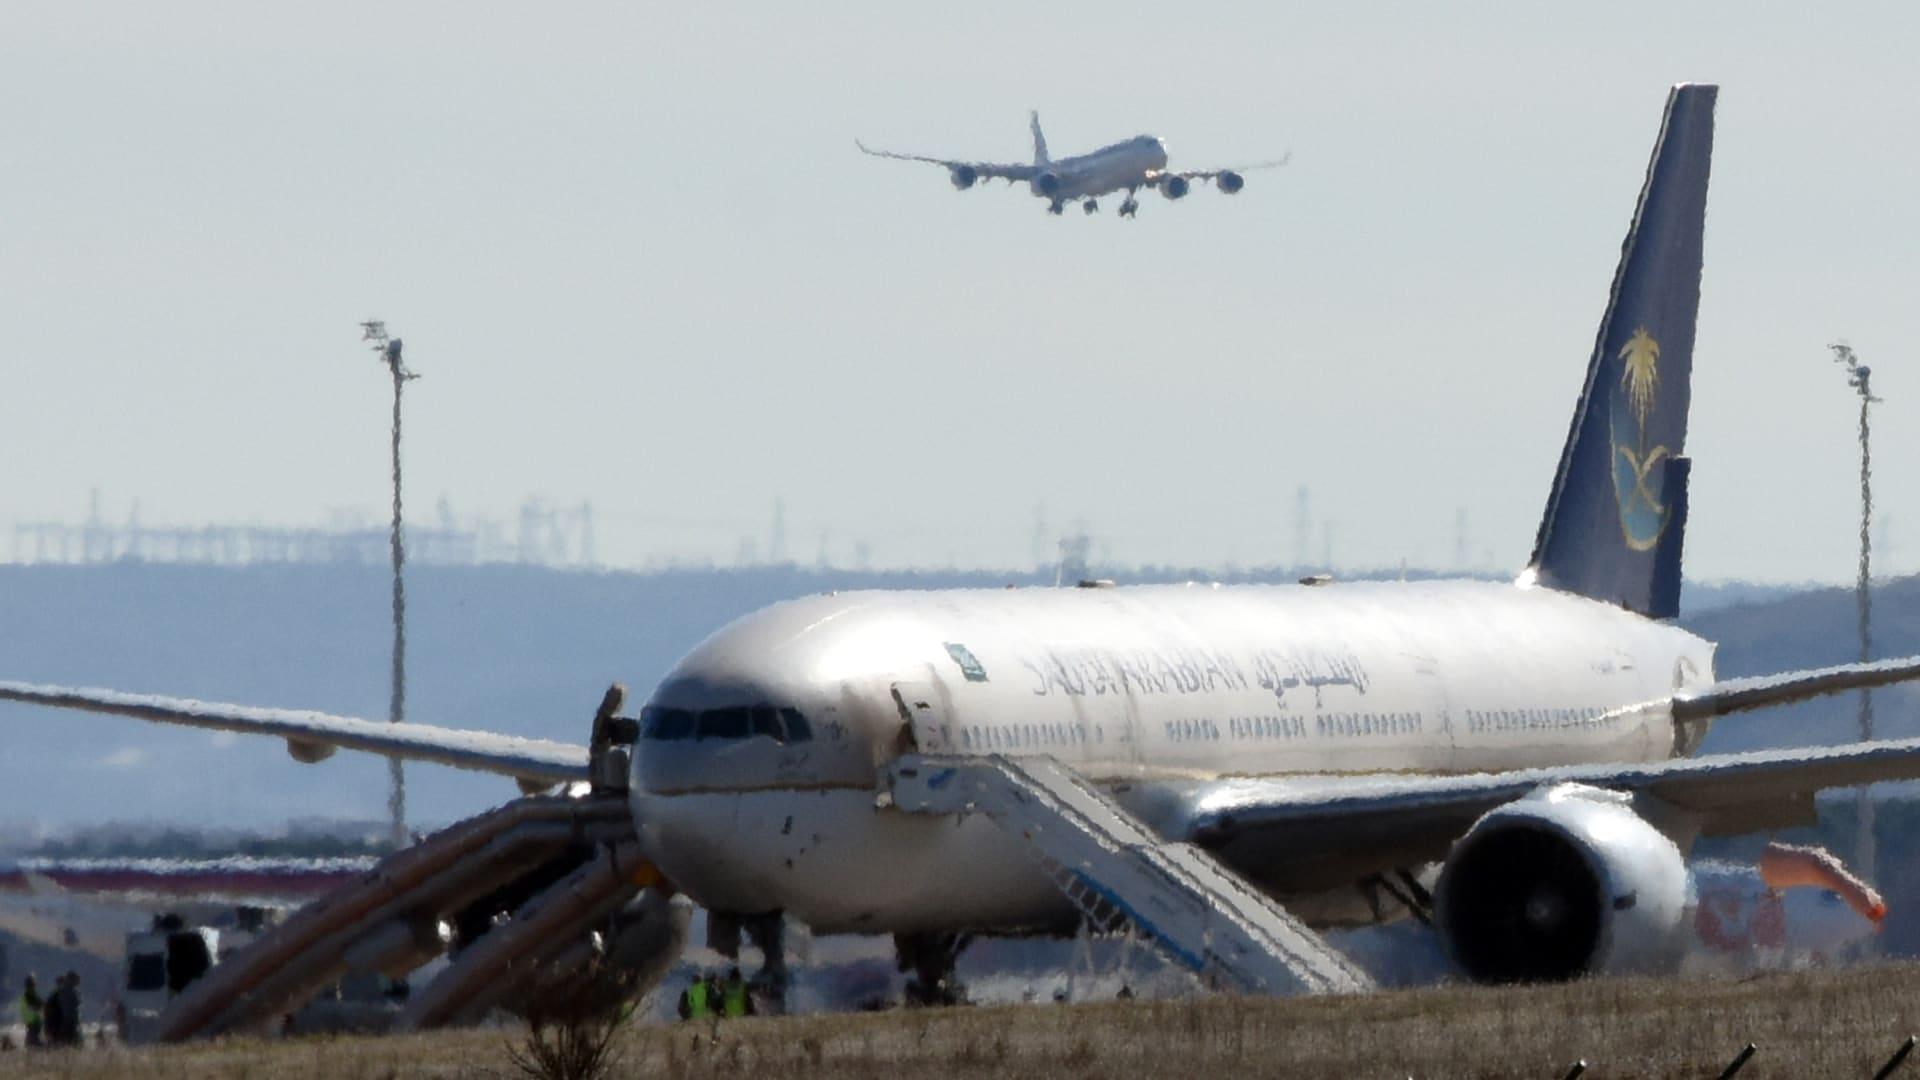 رسالة معلقة بسكين على متن طائرة سعودية في مدريد تهدد بوجود قنبلة.. والطيران السعودي: إنذار كاذب